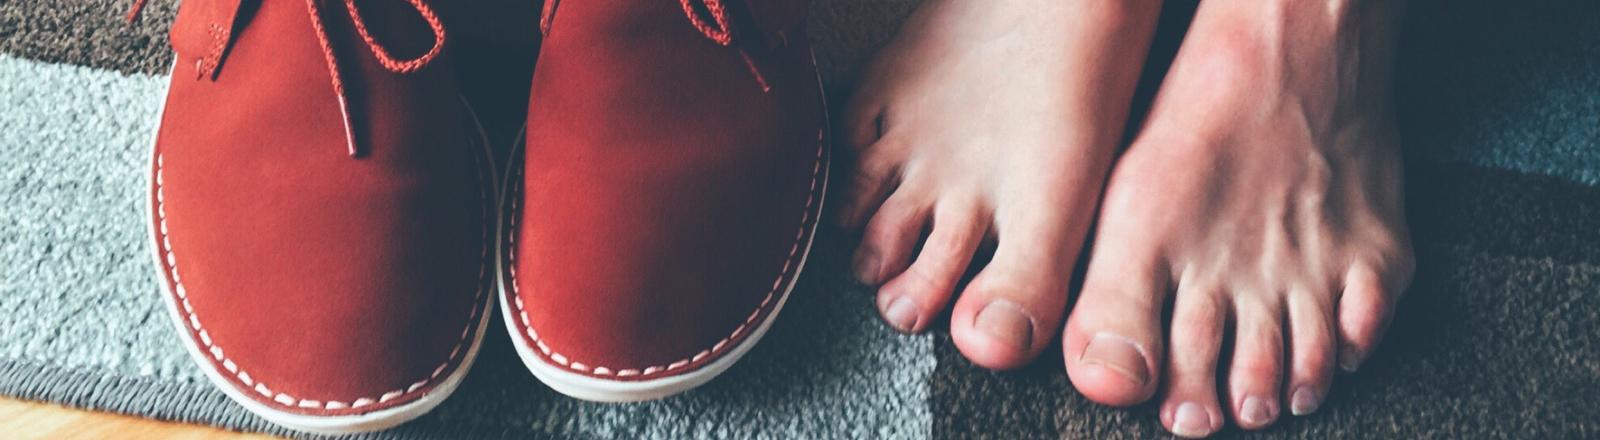 Ein paar Füße neben ein Paar Schuhen